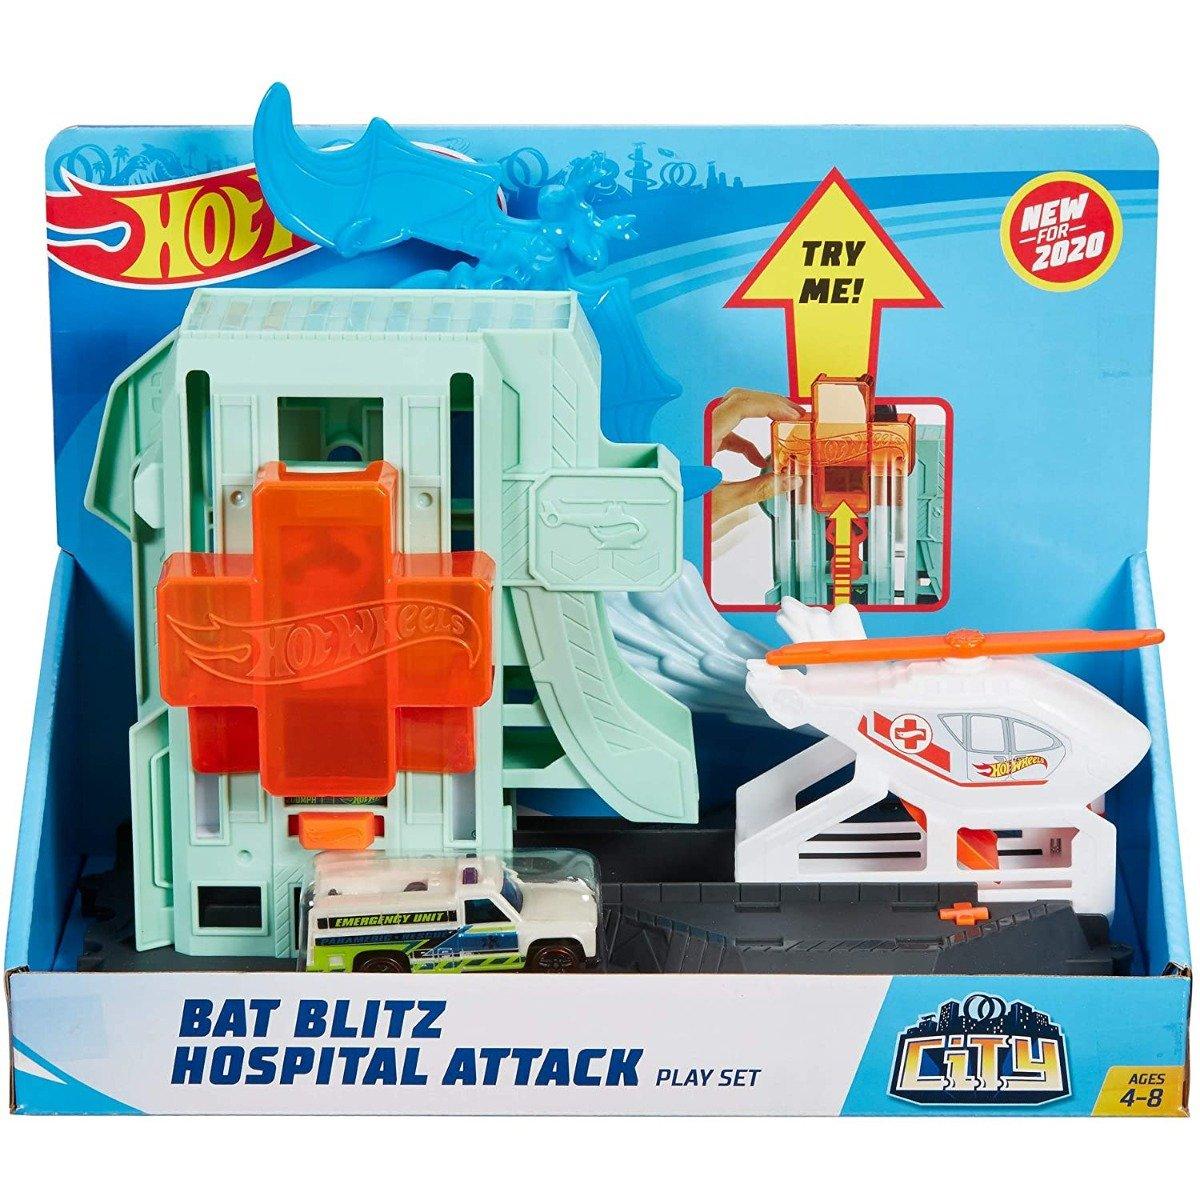 Set de joaca Circuit cu obstacole Hot Wheels City, Bat Blitz Hospital Attack (GJK90) imagine